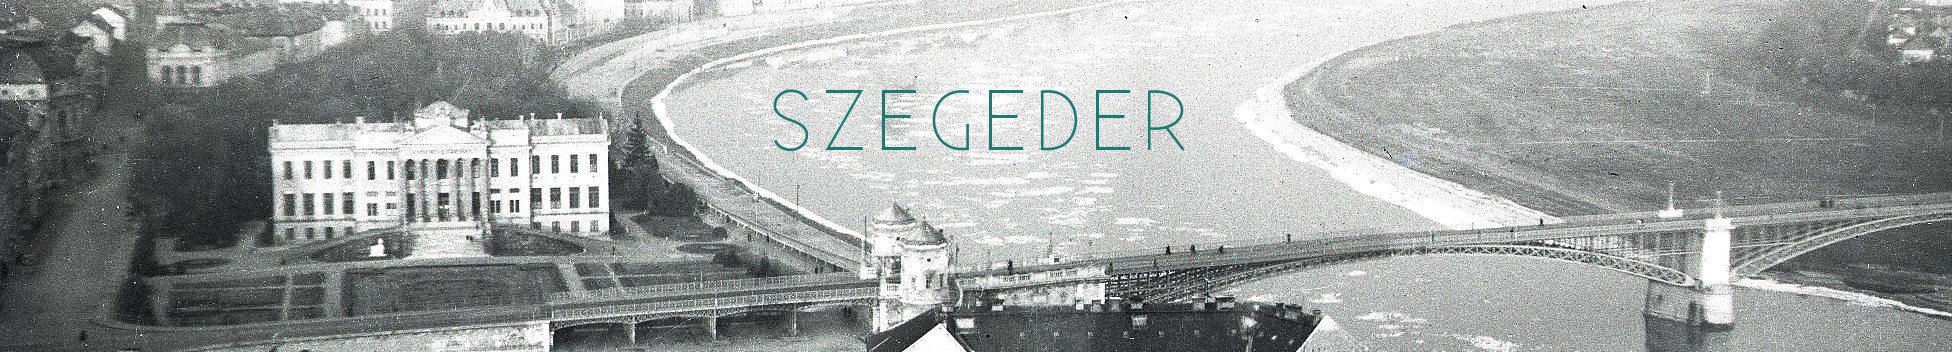 Szegeder